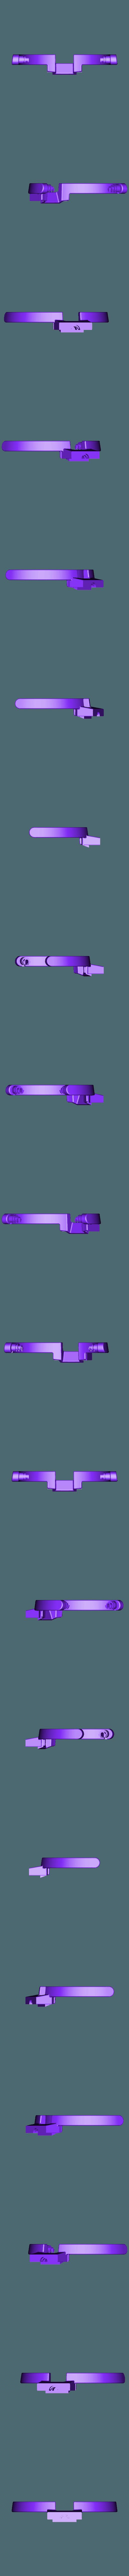 Solderless_MDRXB950BT_Hinge.stl Télécharger fichier STL gratuit Charnière MDR XB950BT maintenant moins soudée • Plan pour imprimante 3D, Dsk